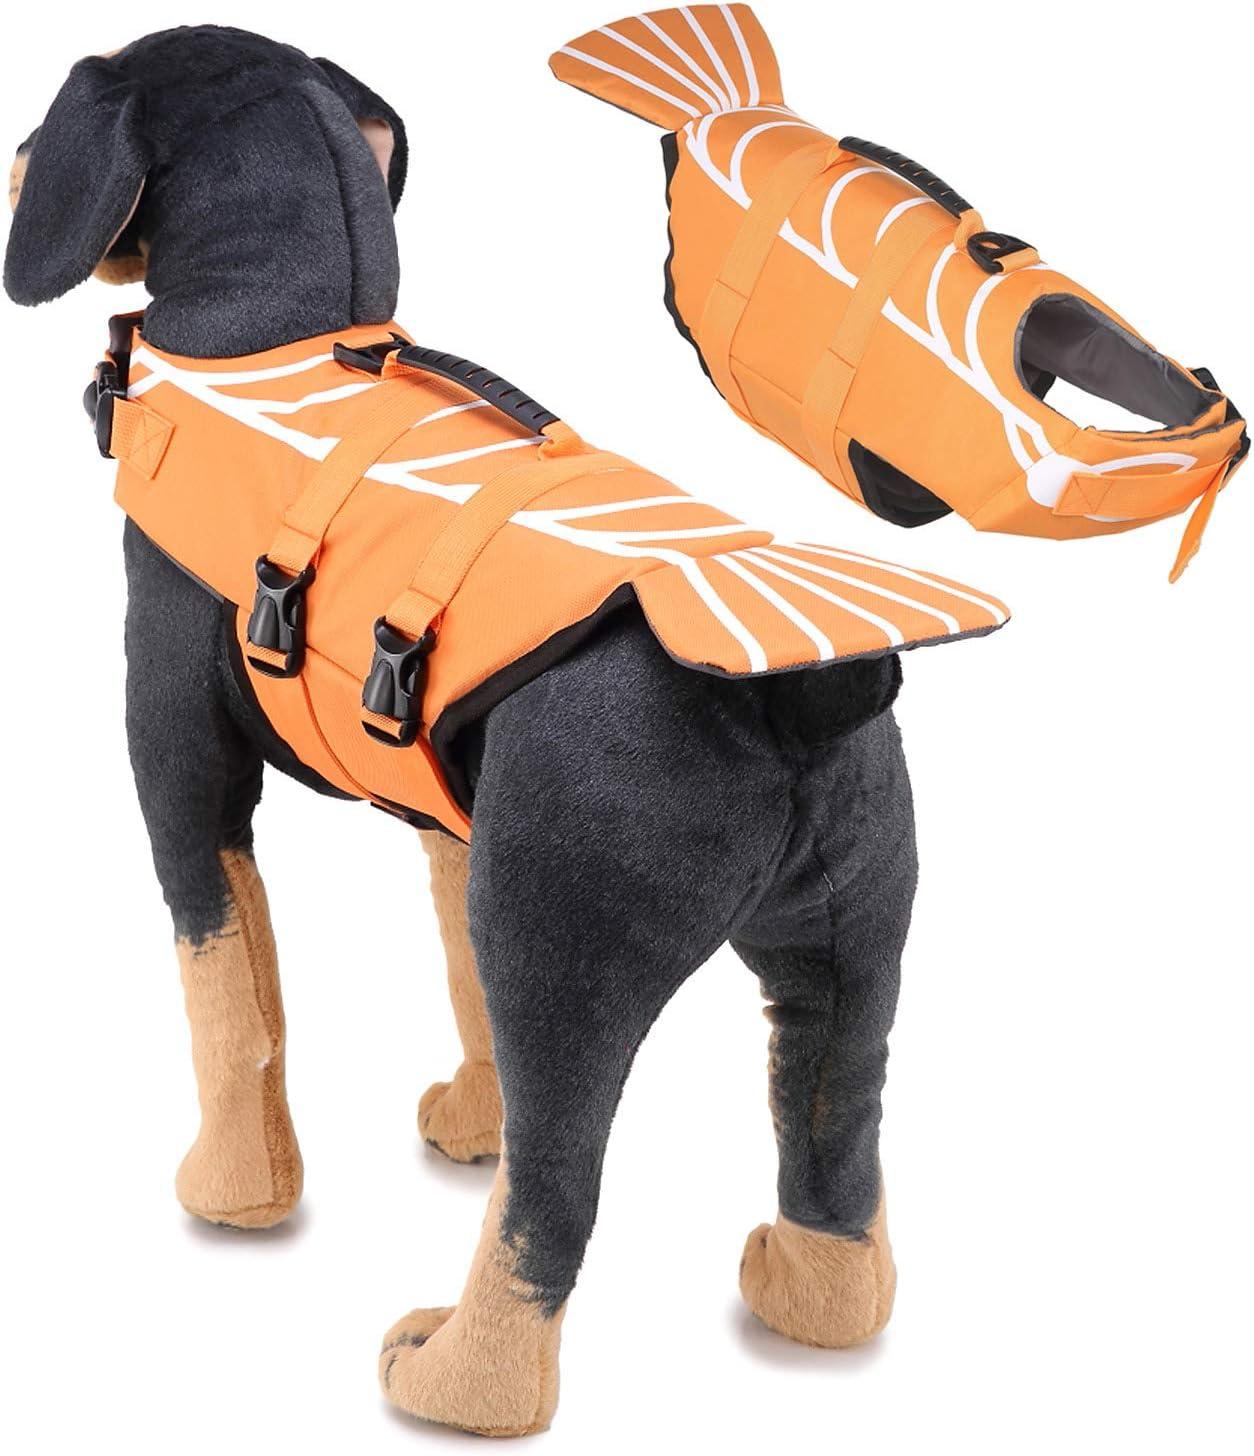 Dog Life New products, world's highest quality popular! Jacket Orange Lobster Adjustable Preserve Nippon regular agency Pet Lifesaver